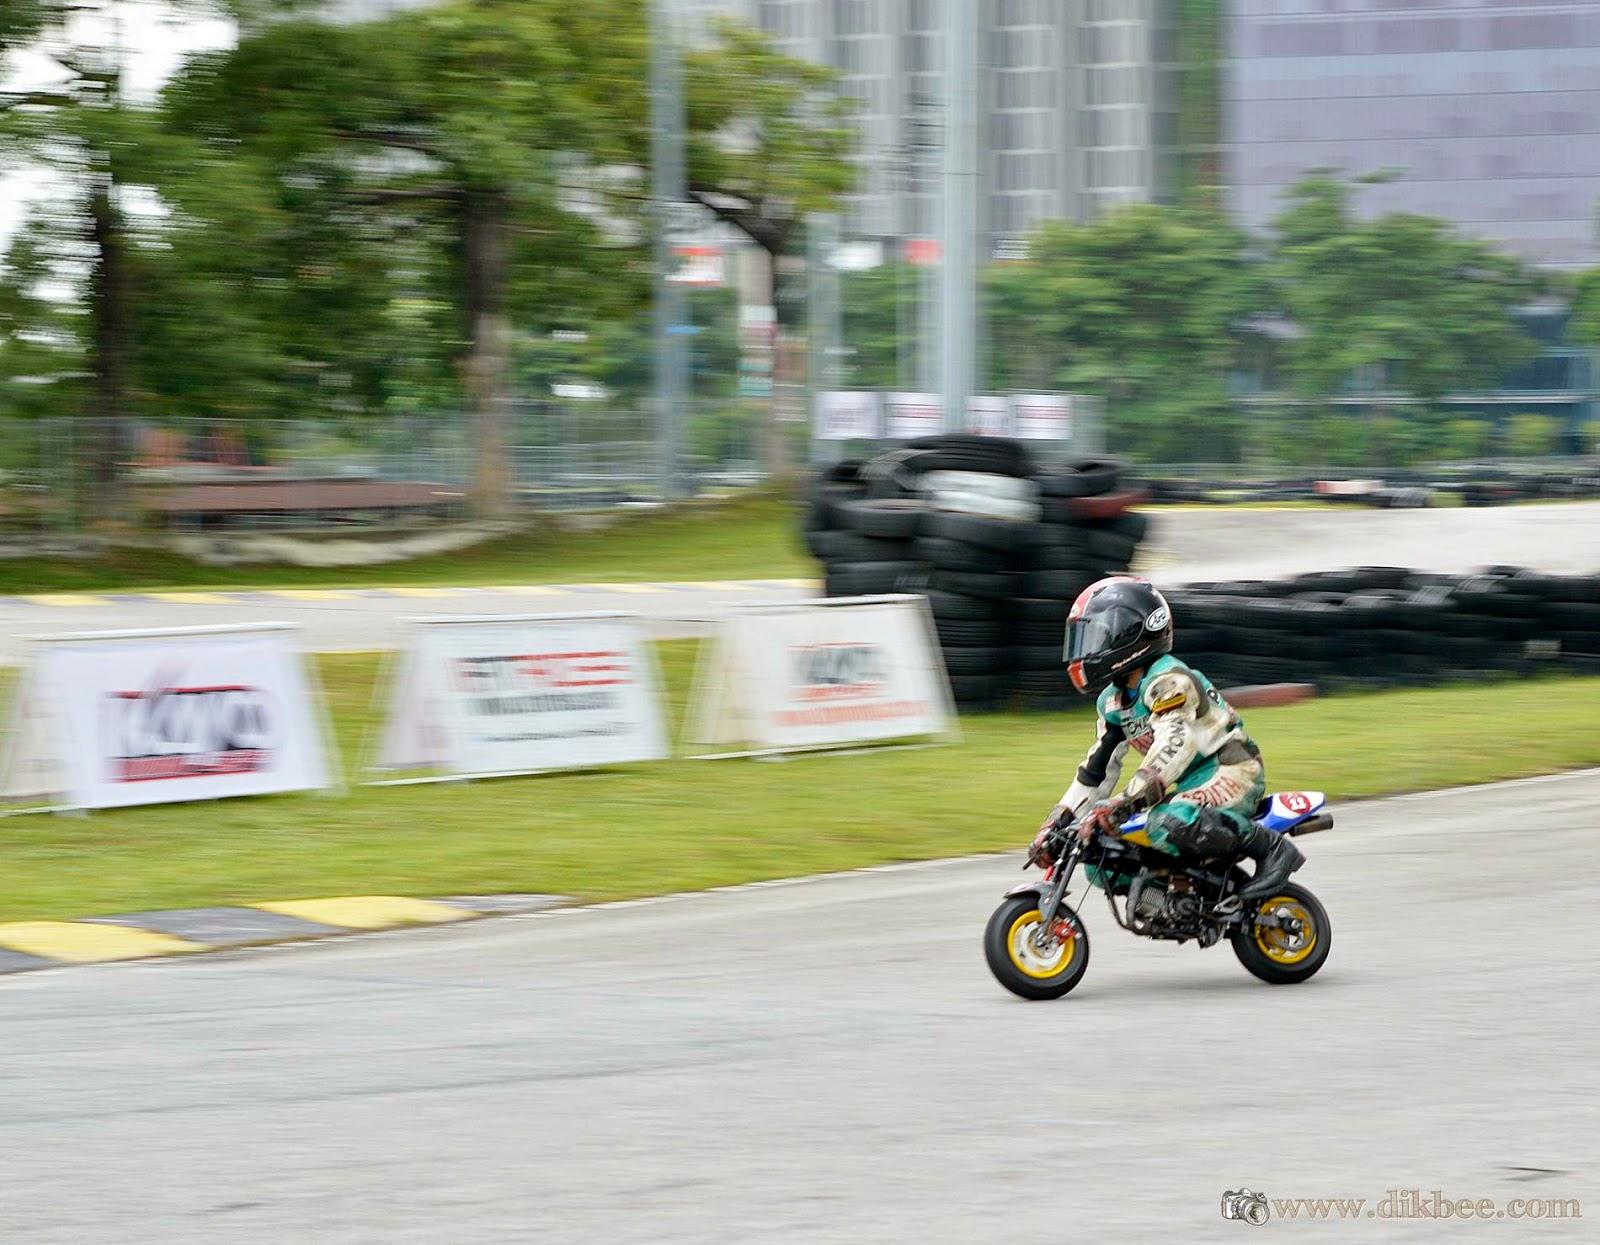 1 Minimoto Challenge 2014 Malaysia | Elite PLUS Speedway